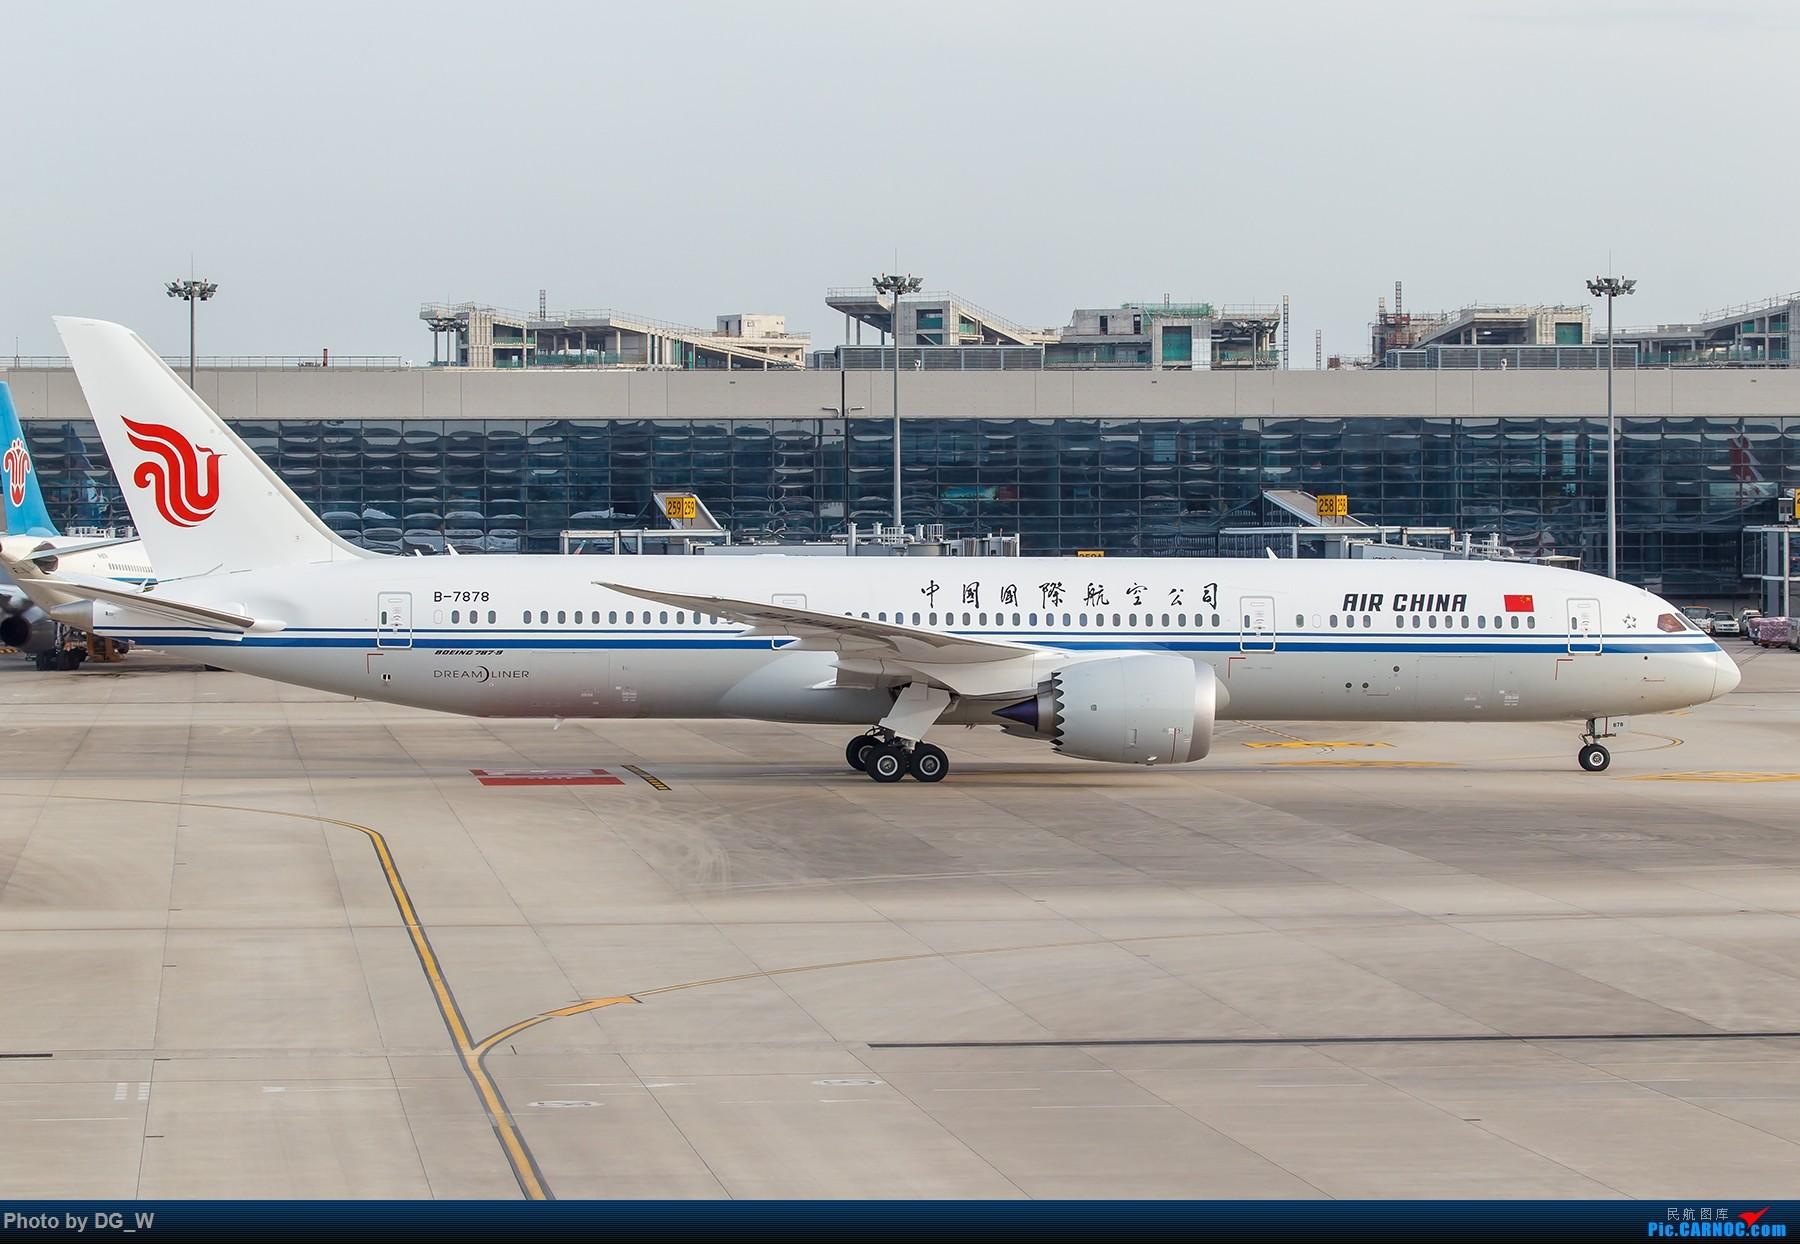 Re:[原创]【南宁飞友】两月之内三次虹桥拍机,大雨中的吹水,水泥天的迪斯尼,晚点的789,不期而遇的ARJ BOEING 787-9 B-7878 中国上海虹桥国际机场